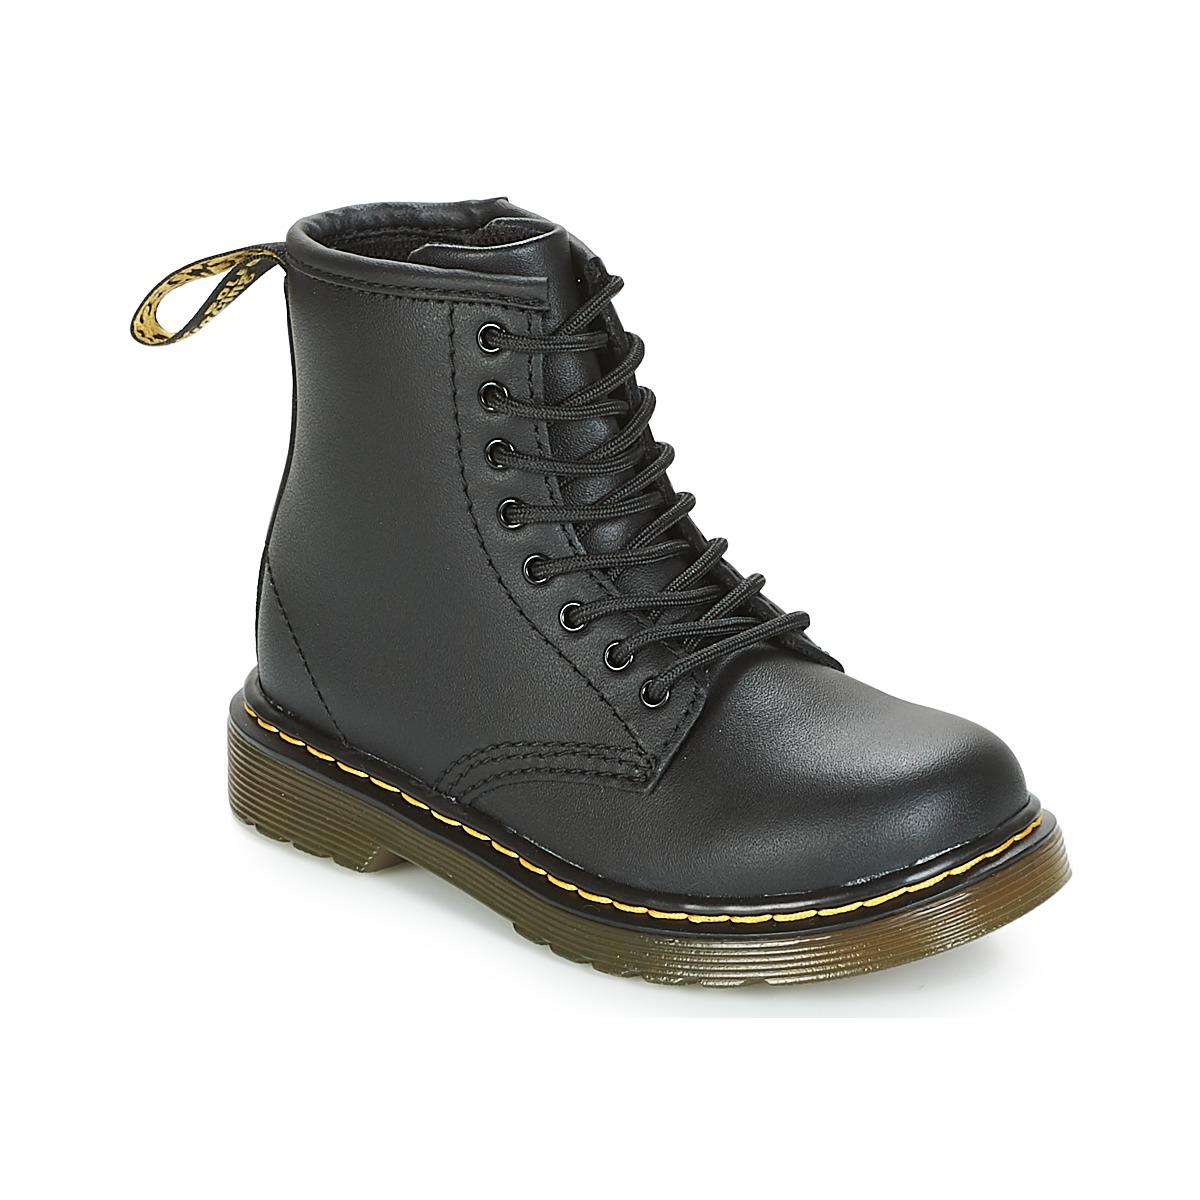 Støvler til børn Dr Martens  1460 CADET